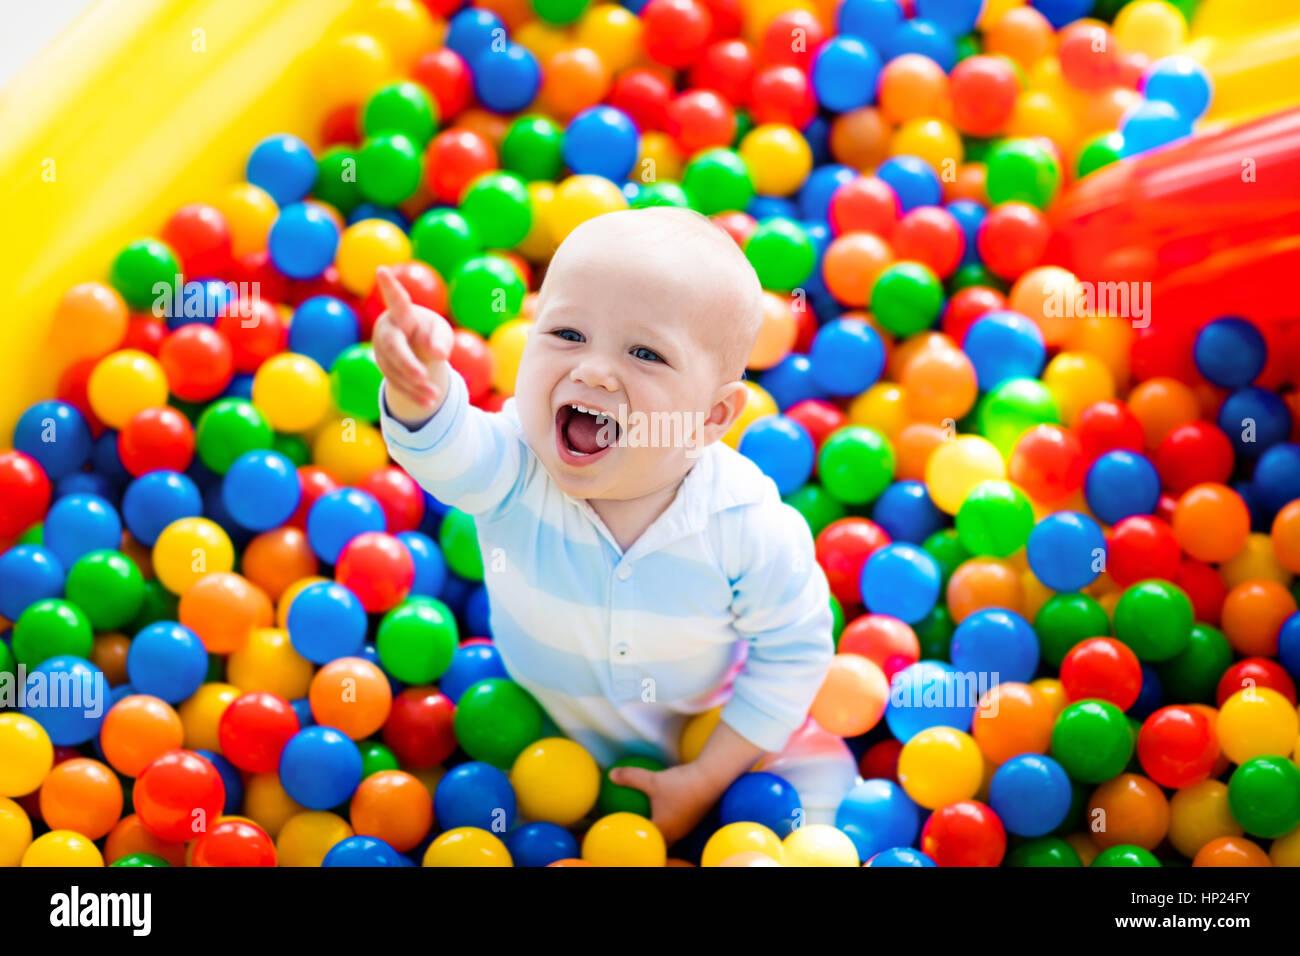 Feliz Riendo Boy A Divertirse En La Piscina De Bolas En La Fiesta De